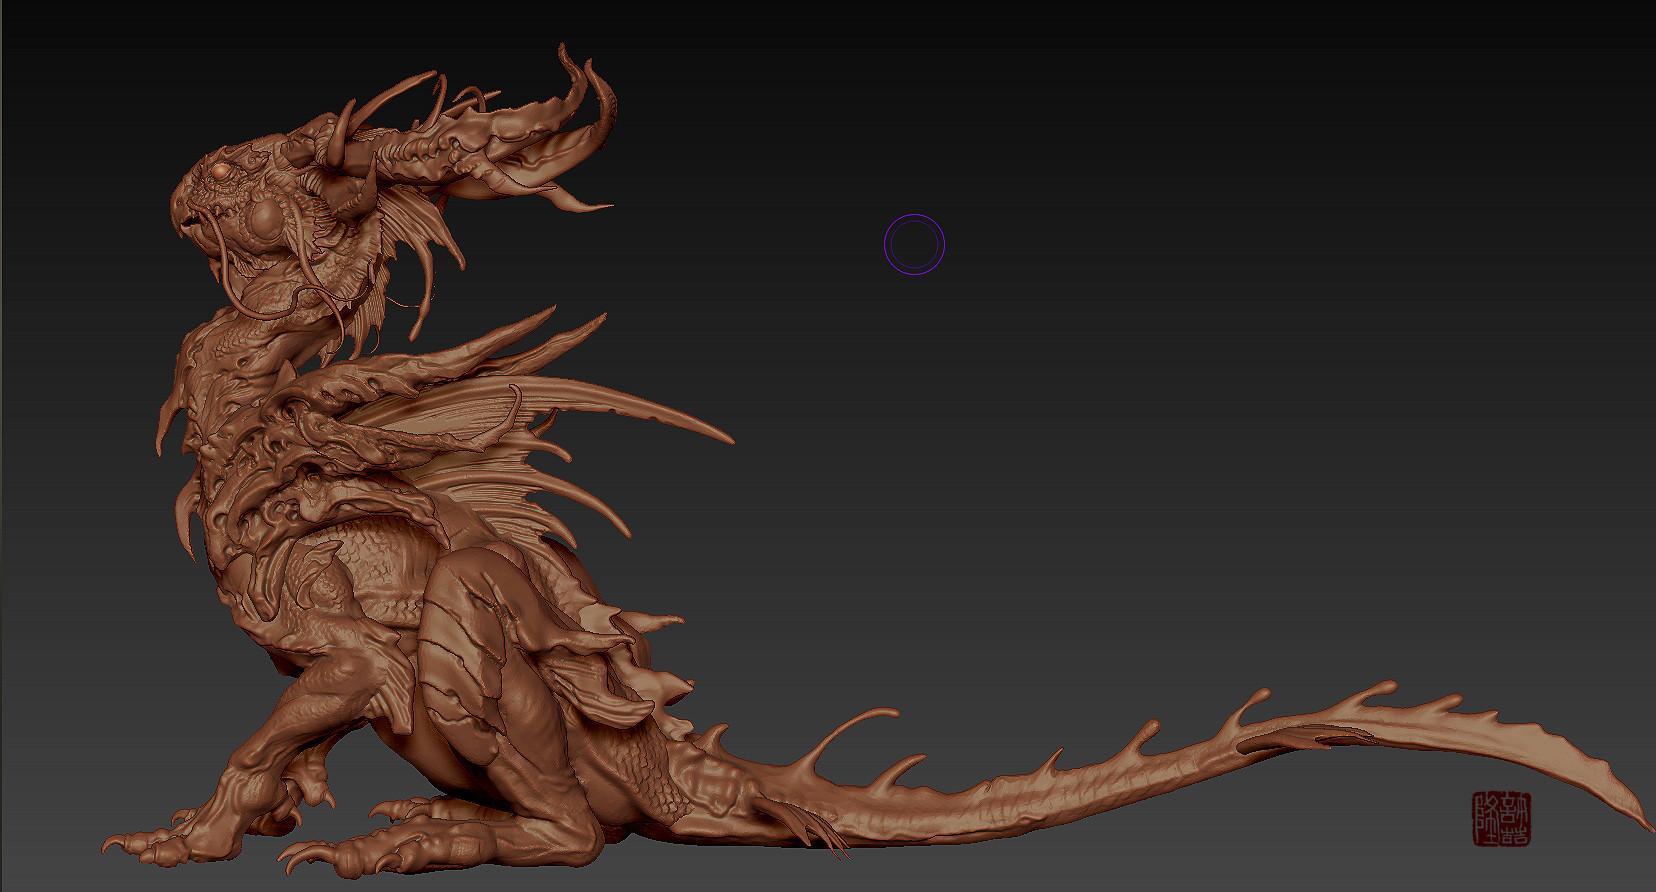 Zhelong xu wip zhelong xu the beta dragon screenshot01